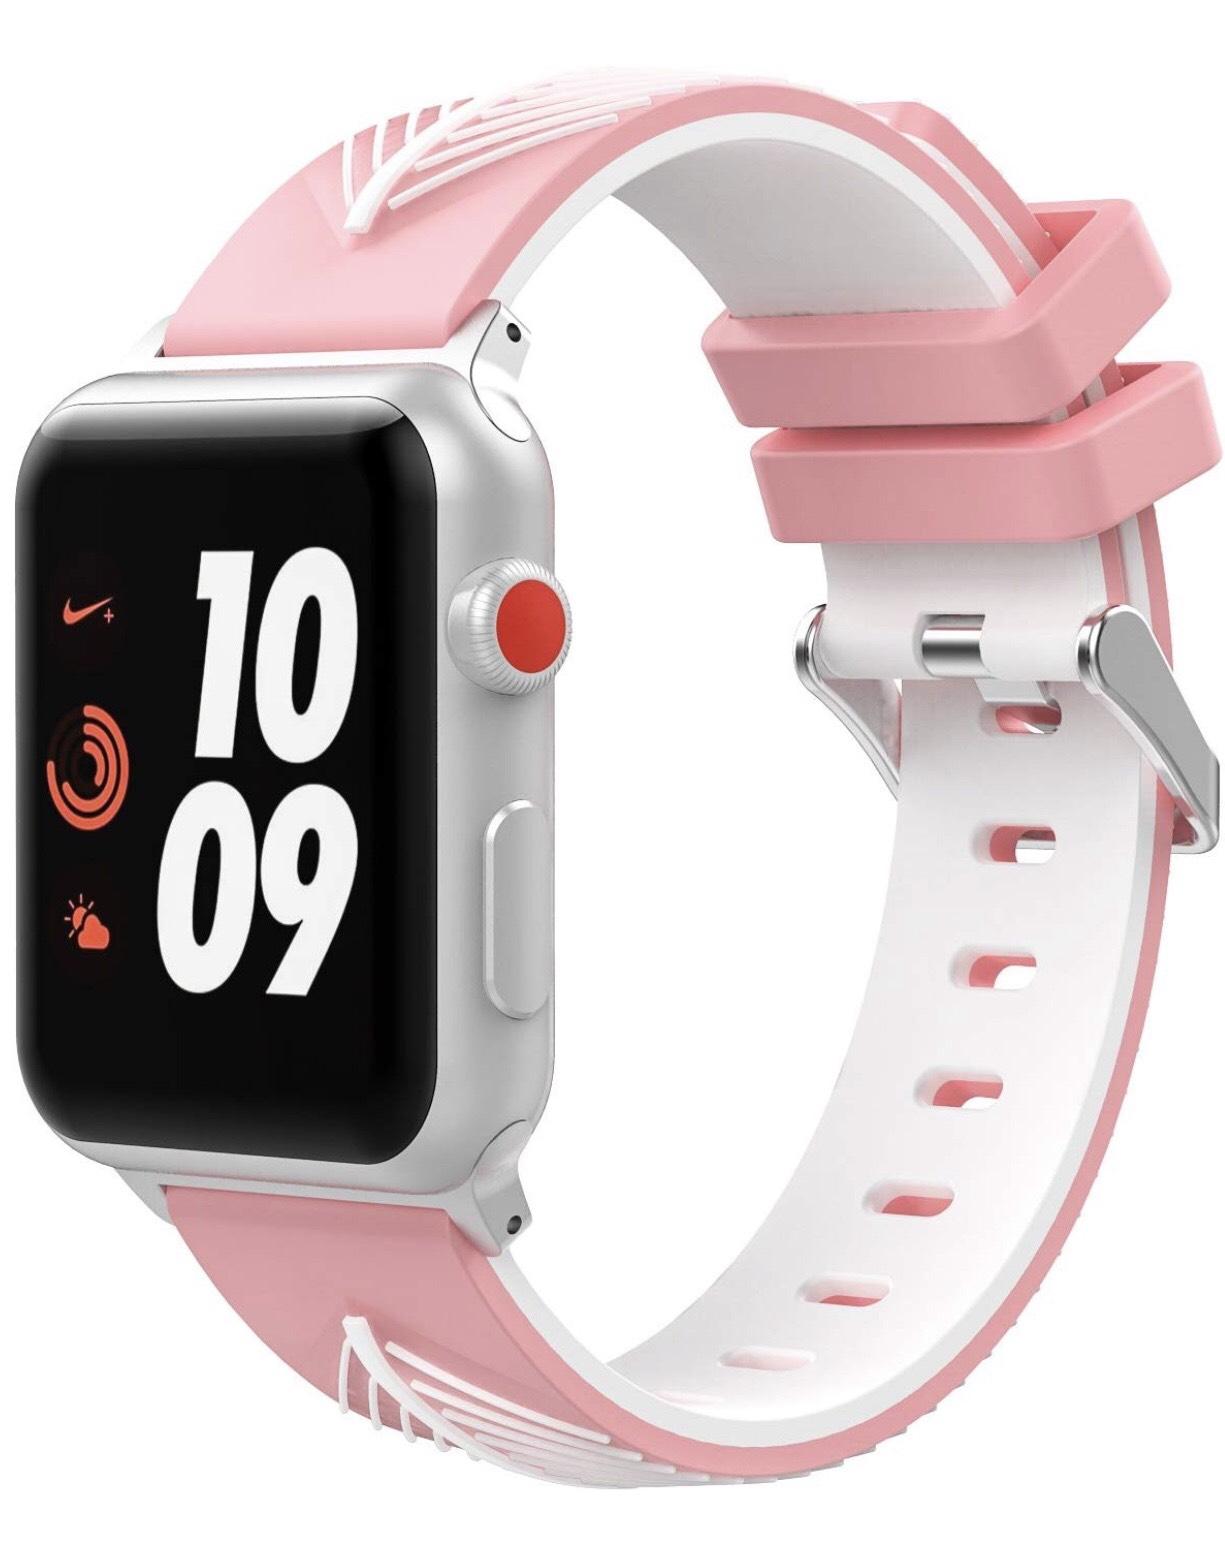 ¡Correa Apple Watch 38mm sólo 1,99! Envío Prime Gratis